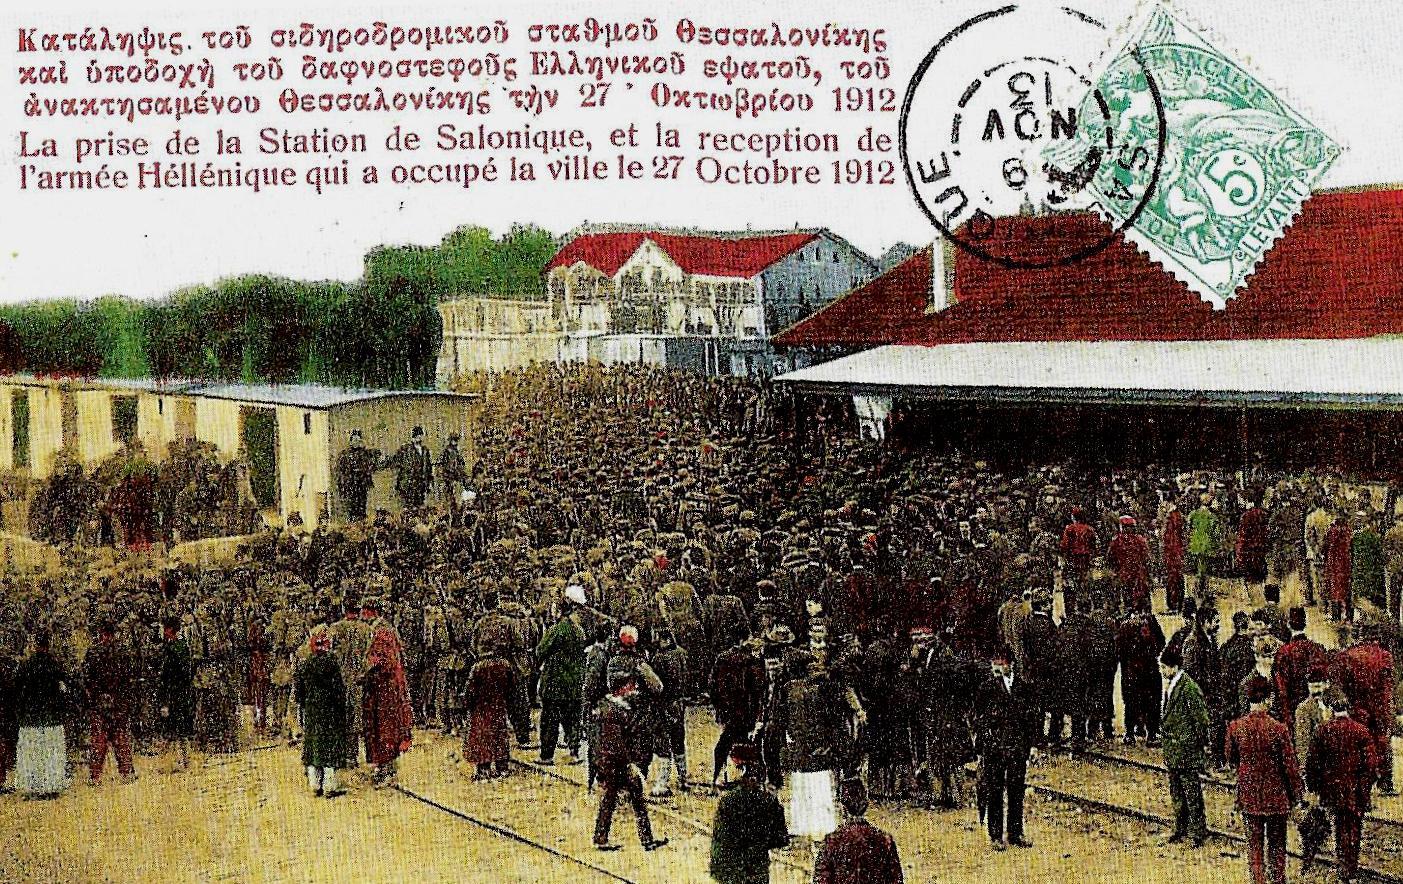 apelef12-kartpostal-001